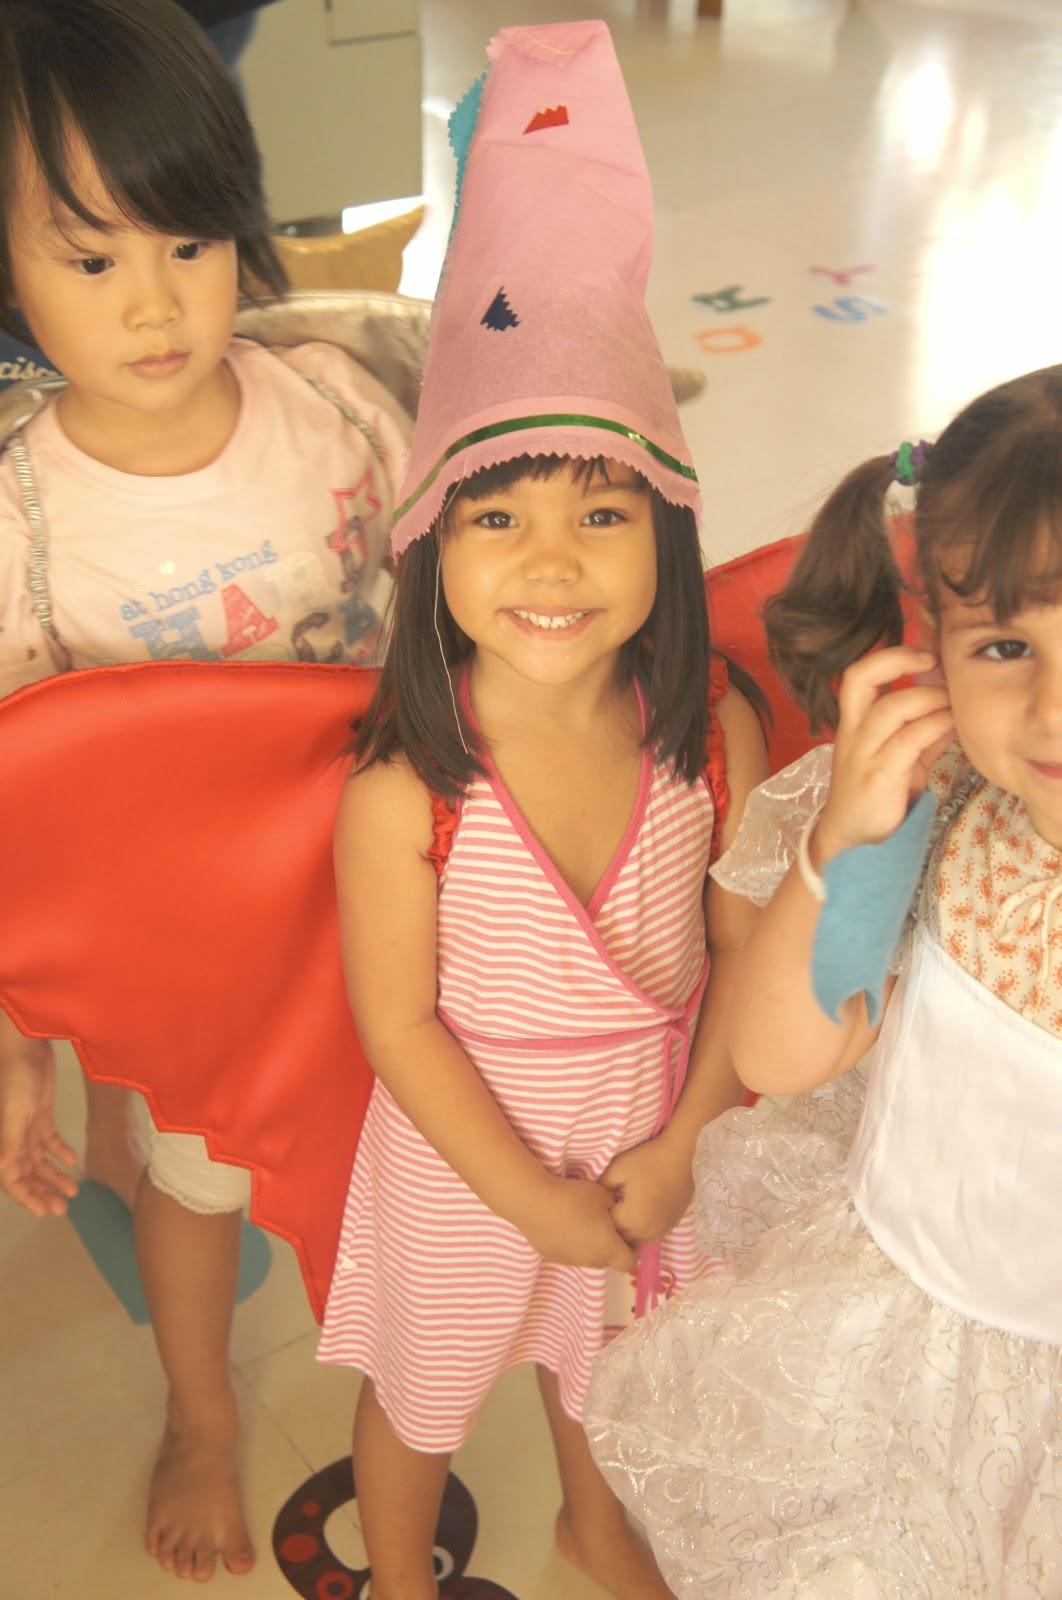 Open Toy Blast On Facebook : Welcome to noah s club children day blast